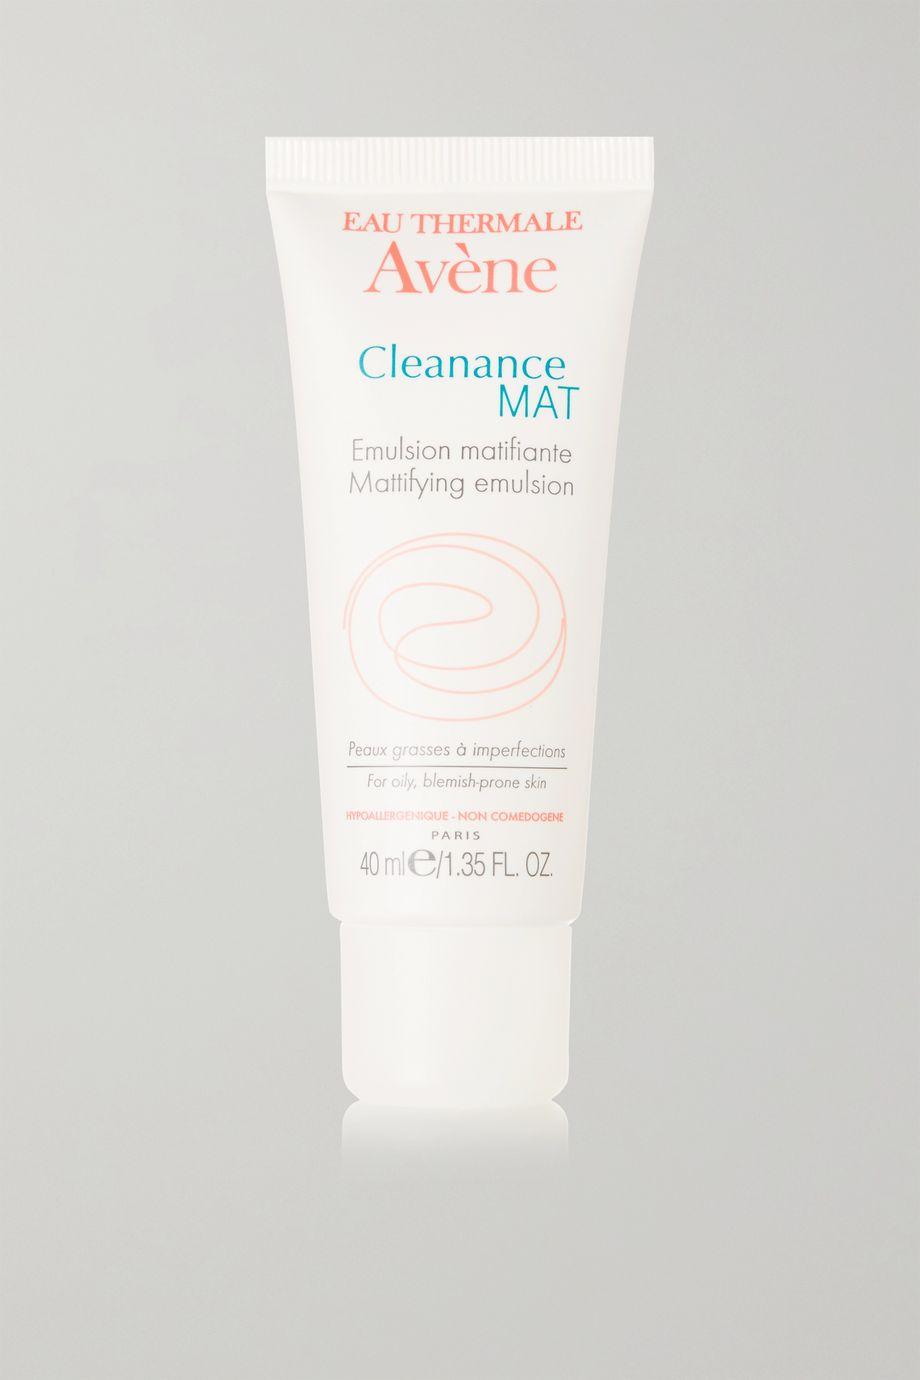 Avene Cleanance MAT Mattifying Emulsion, 40ml